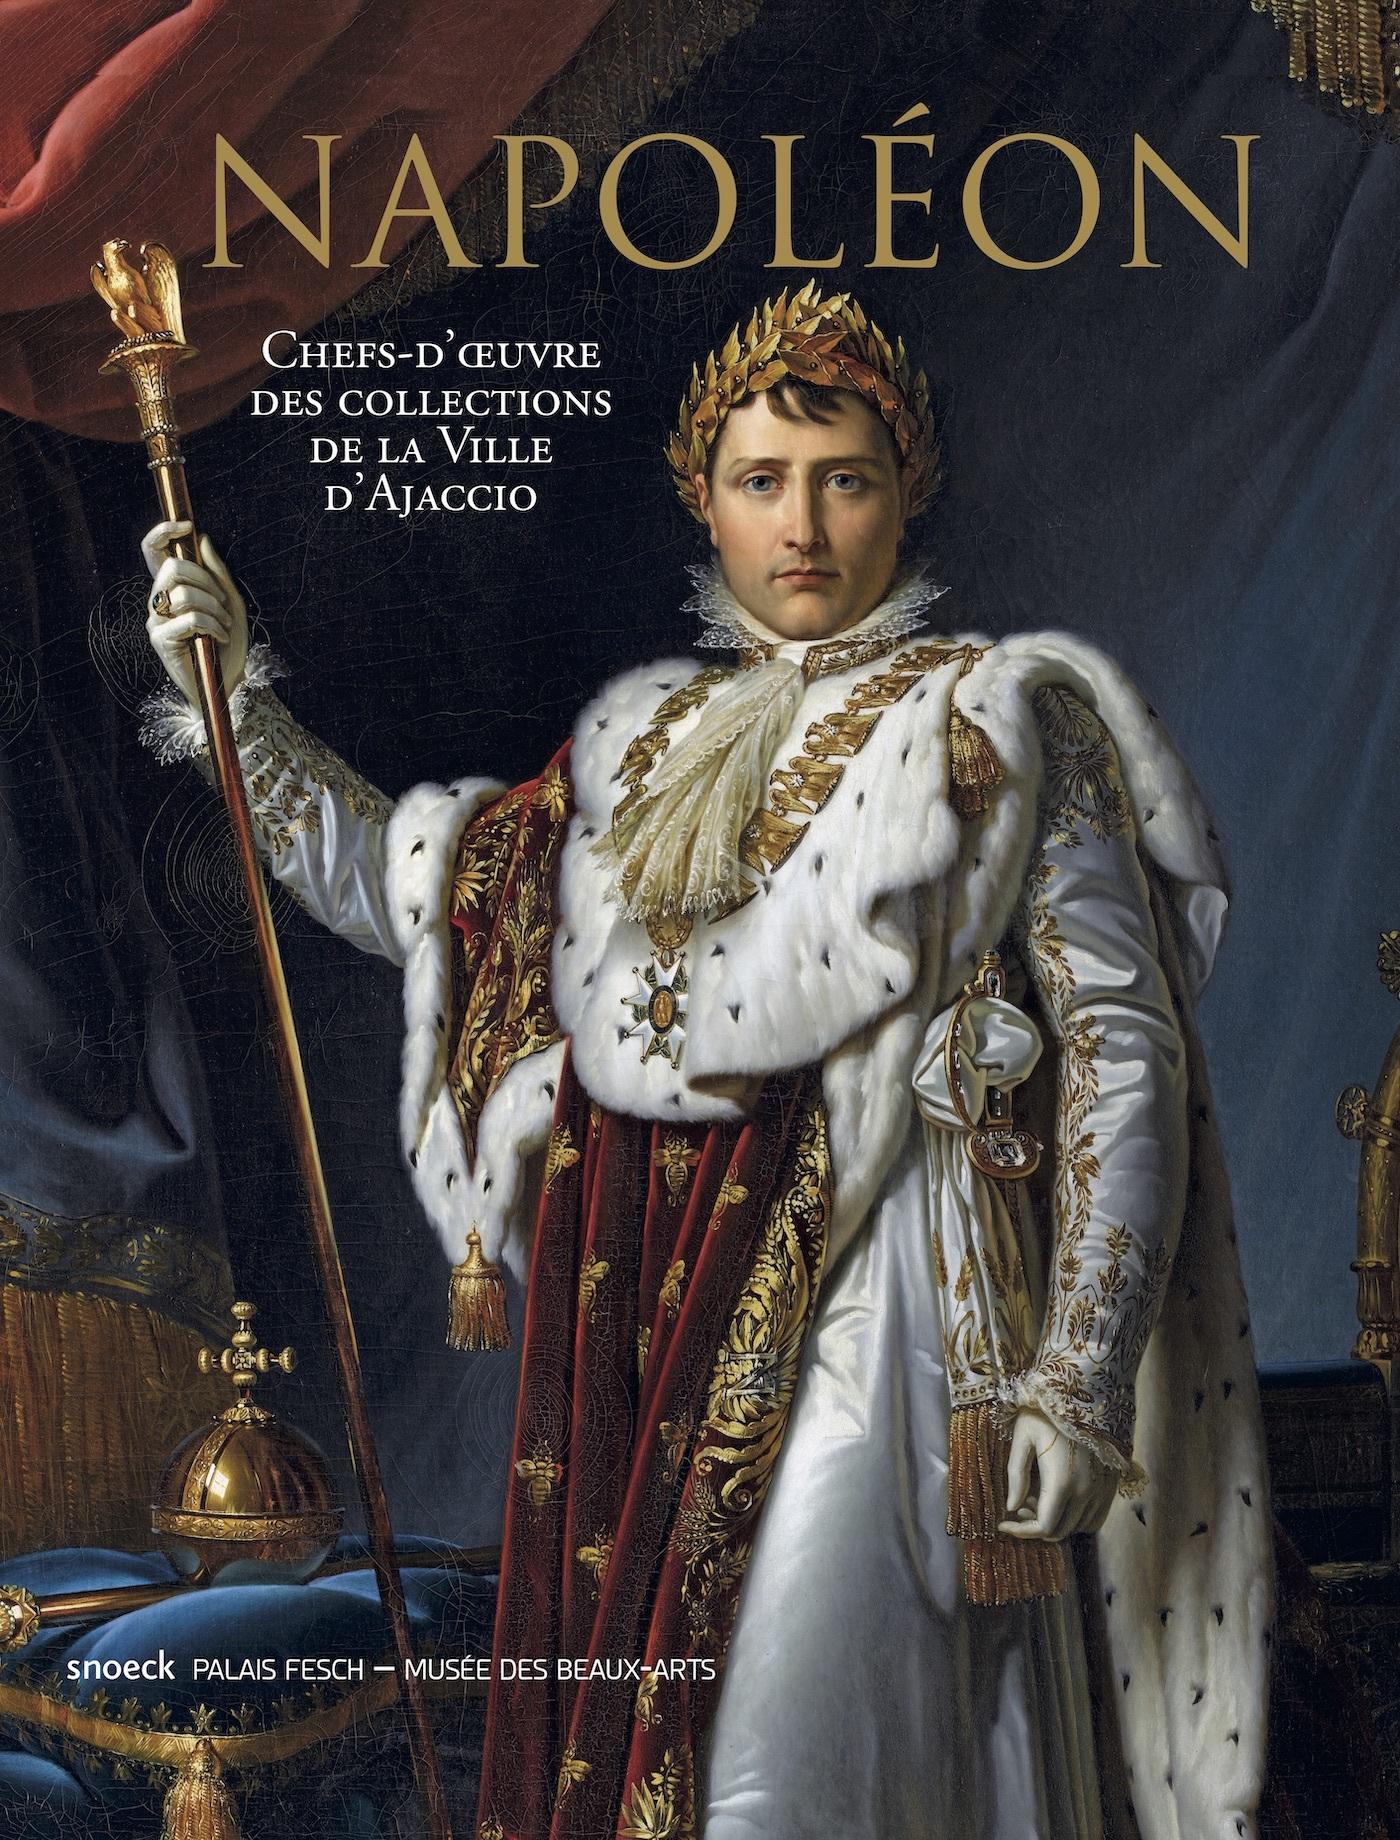 NAPOLEON. CHEFS-D'OEUVRE DES COLLECTIONS DE LA VILLE D'AJACCIO. - CHEFS D'OEUVRE DES COLLECTIONS DE